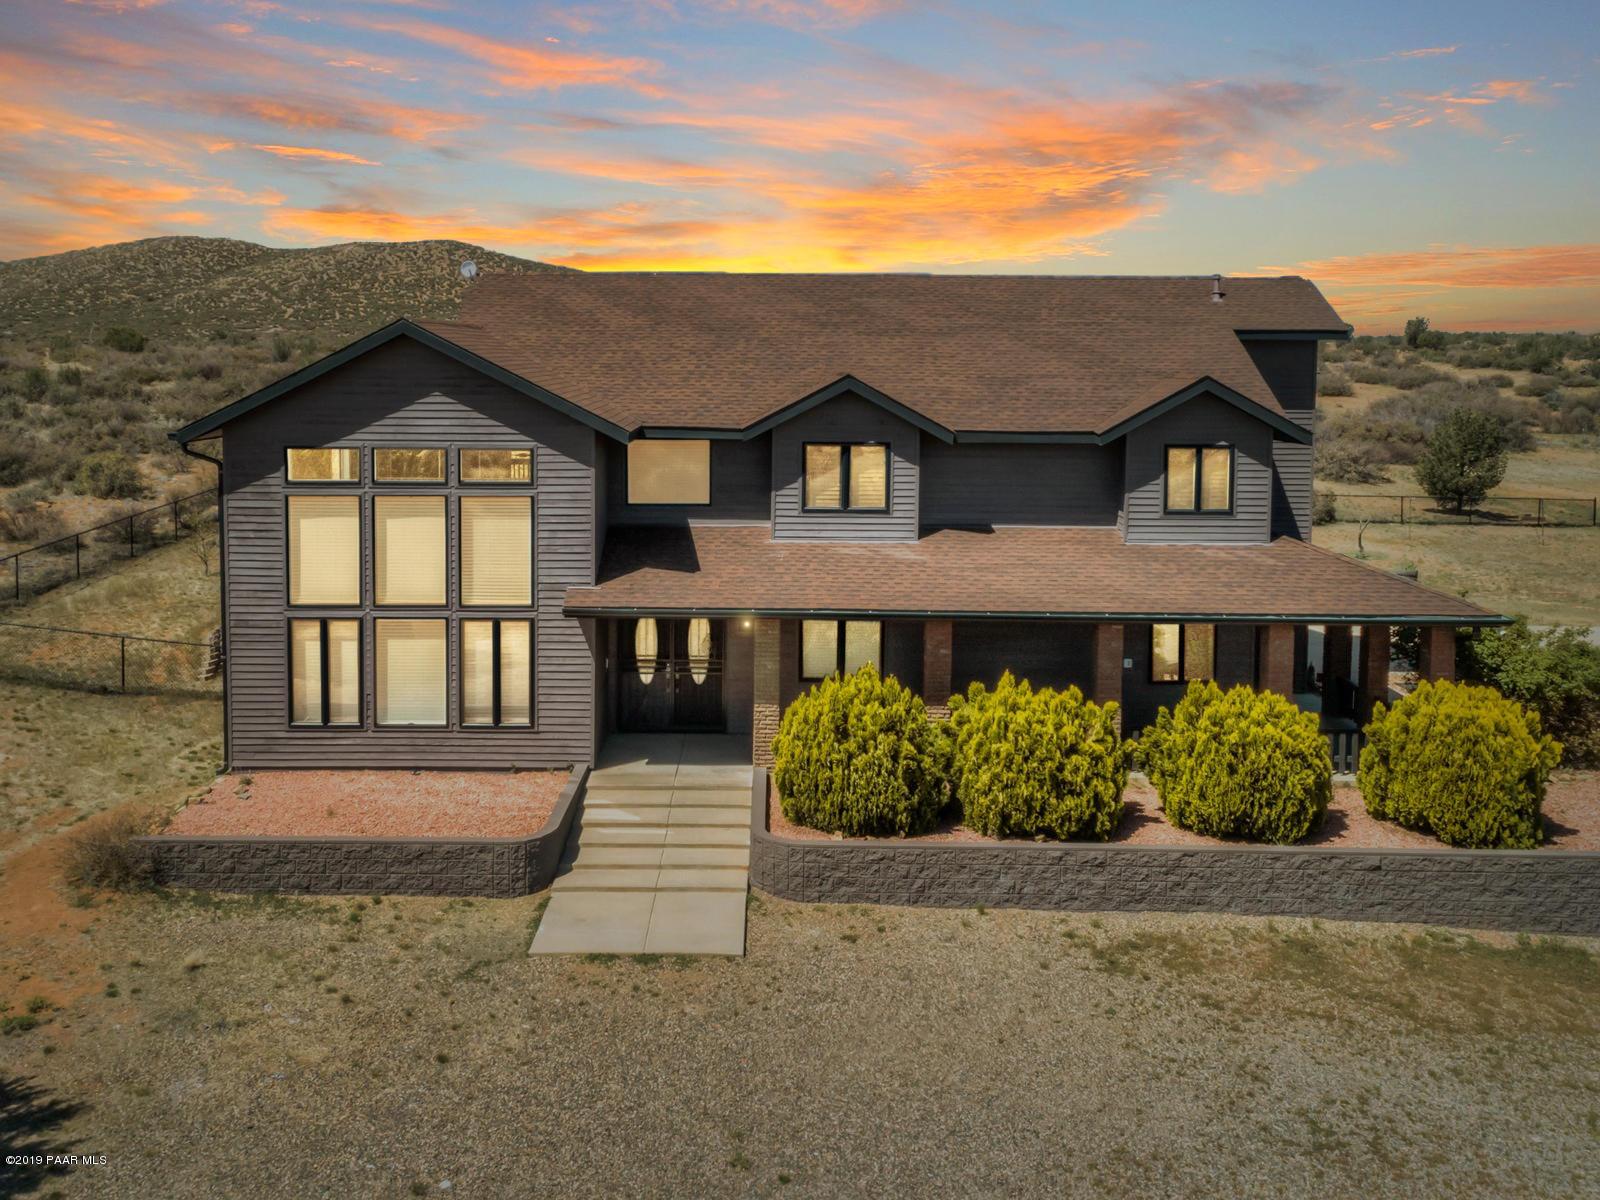 Photo of 10190 Prescott Ridge, Prescott Valley, AZ 86315